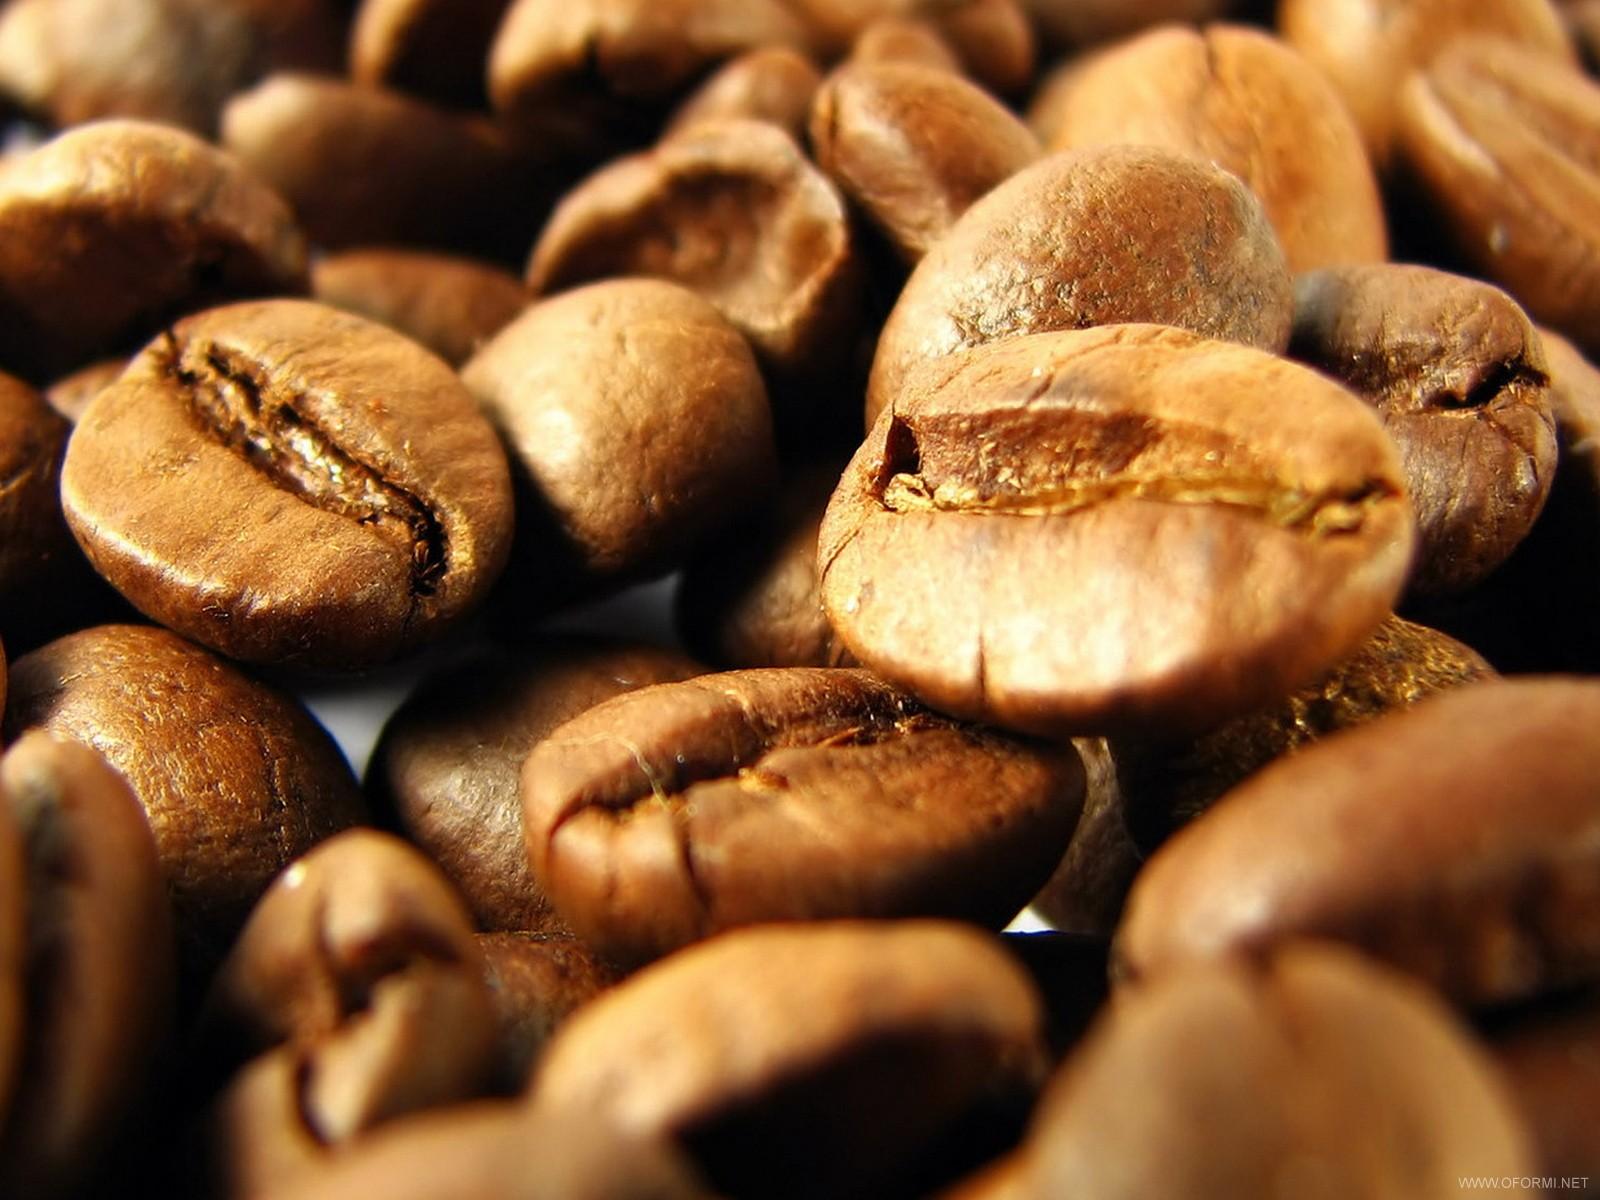 кофейные зерна, скачать фото, обои для рабочего стола, coffee